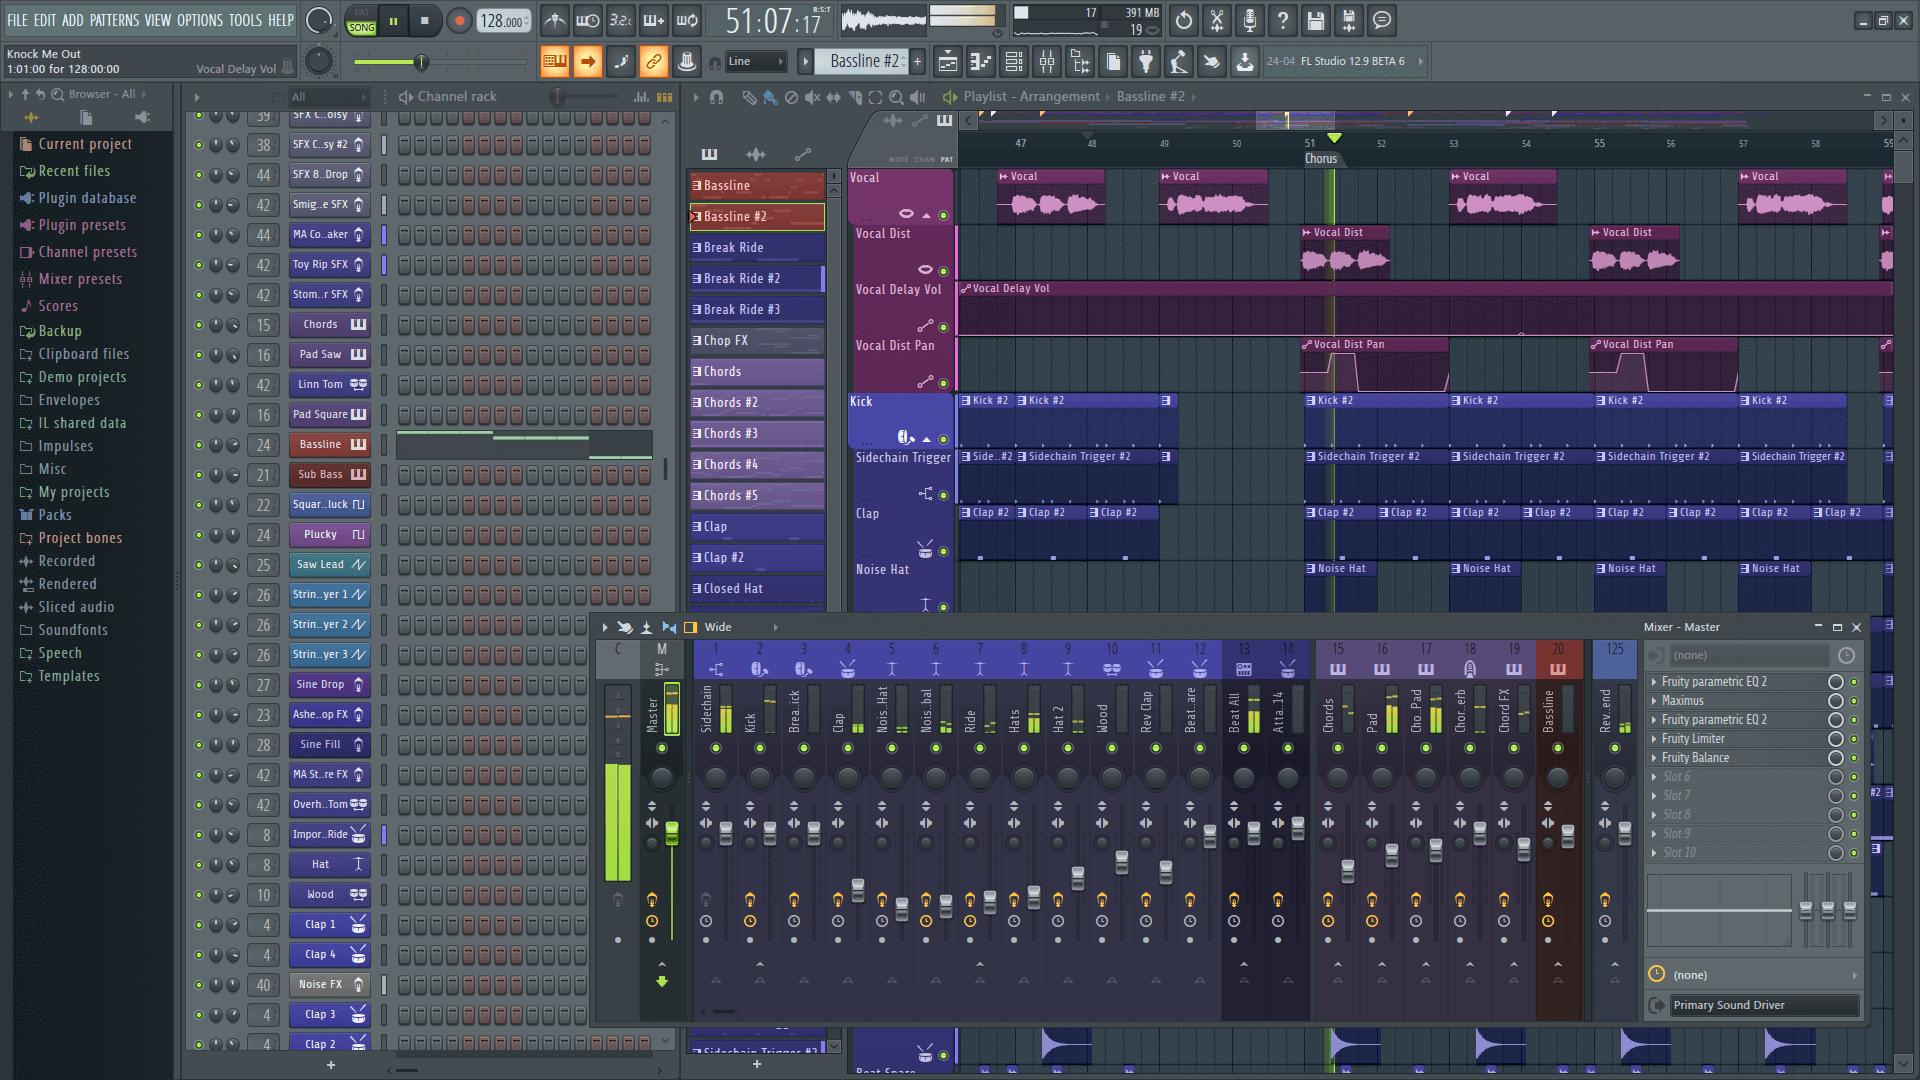 fl studio 20 64 bit